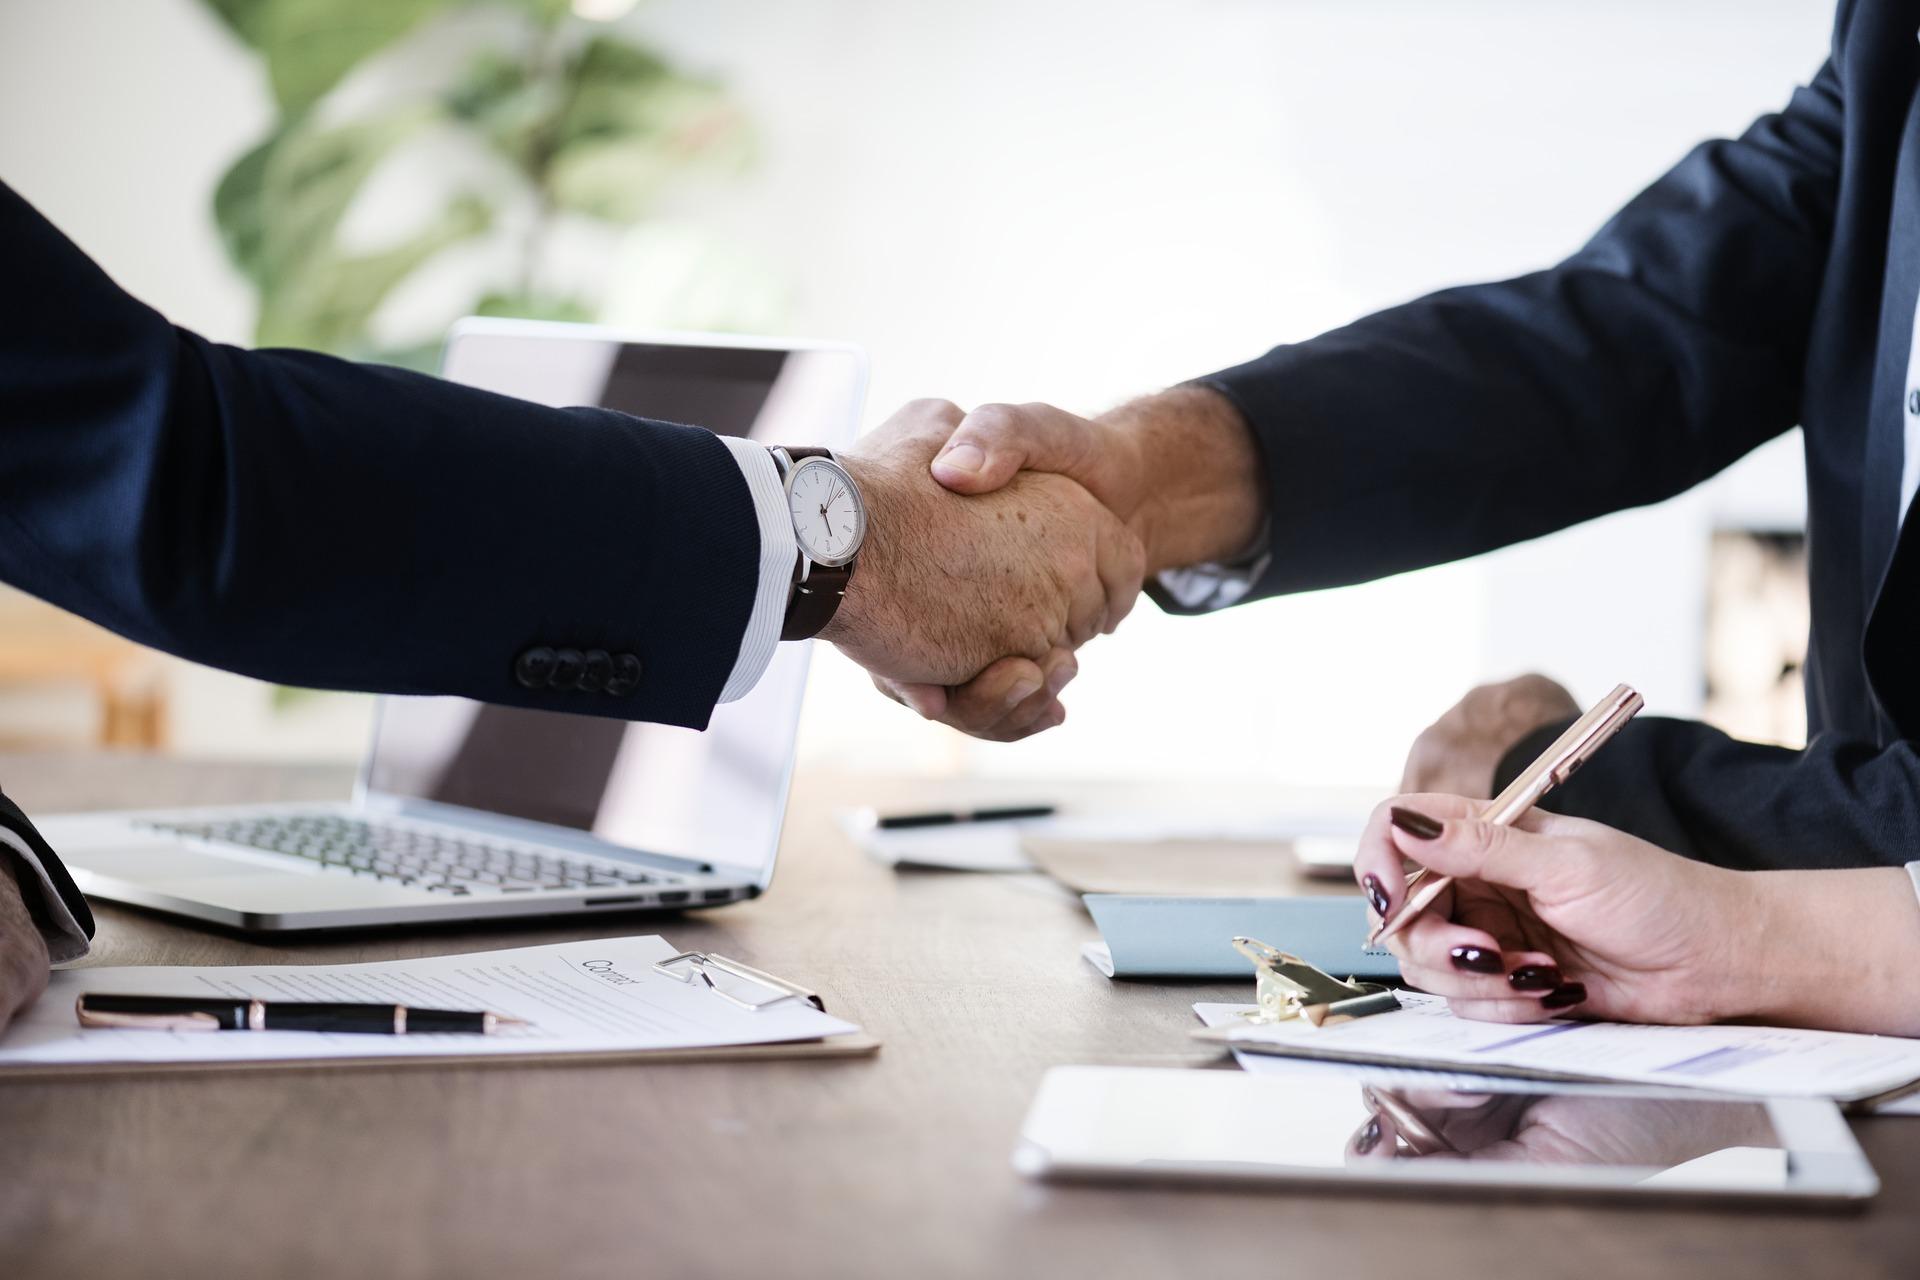 Der letzte Eindruck bleibt: 4 Strategien für einen erfolgreichen Verhandlungsabschluss